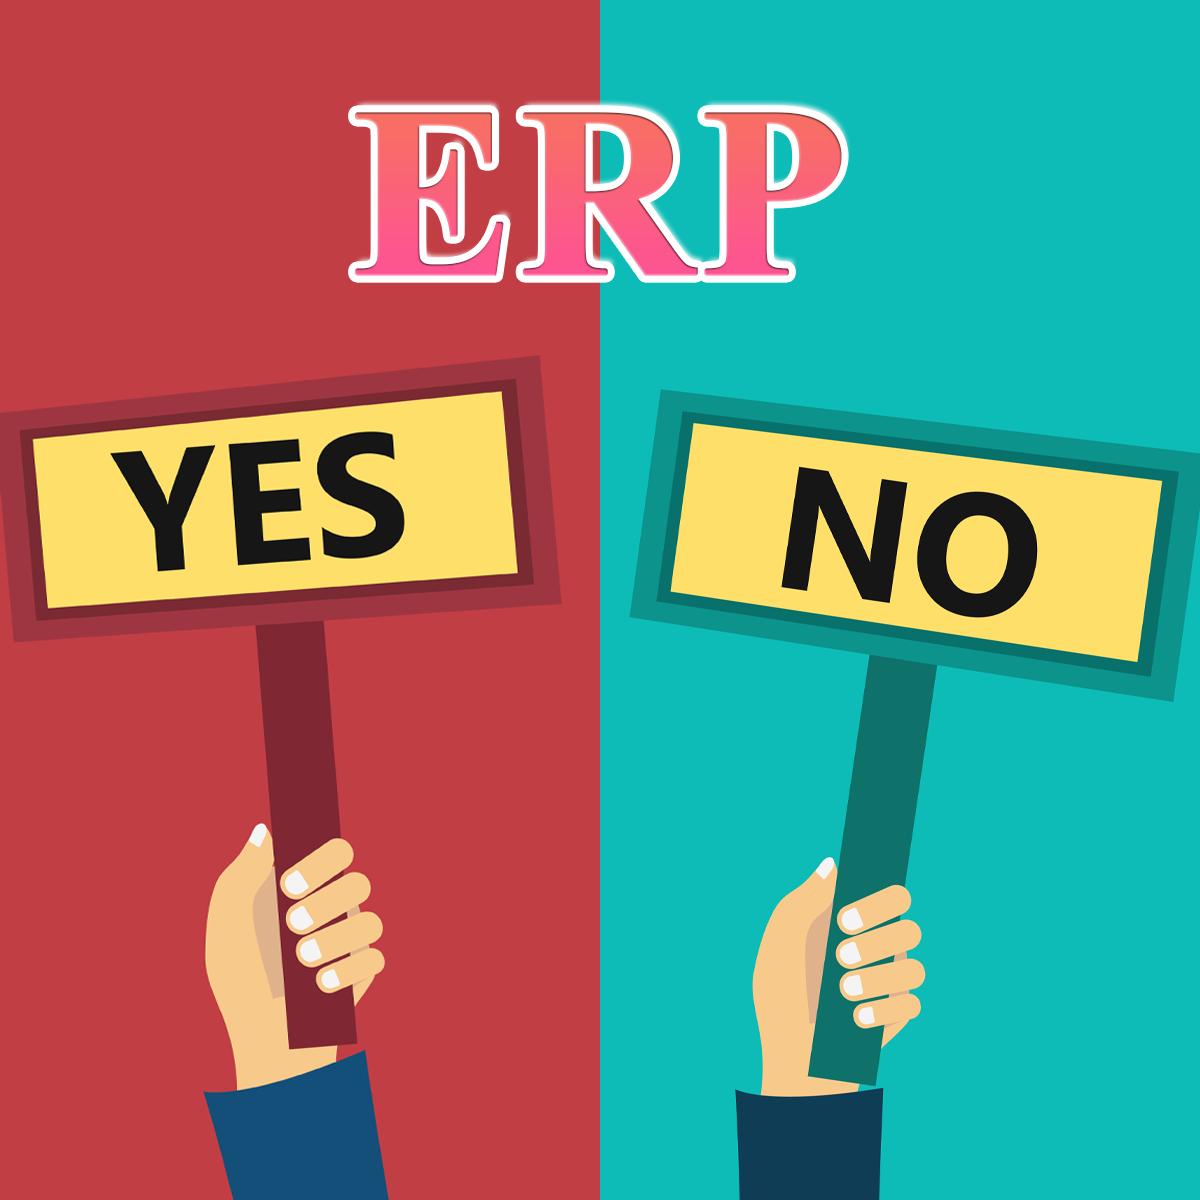 Mặc dù ERP mang đến nhiều lợi ích nhưng nhiều doanh nghiệp vẫn còn phân vân trong lựa chọn